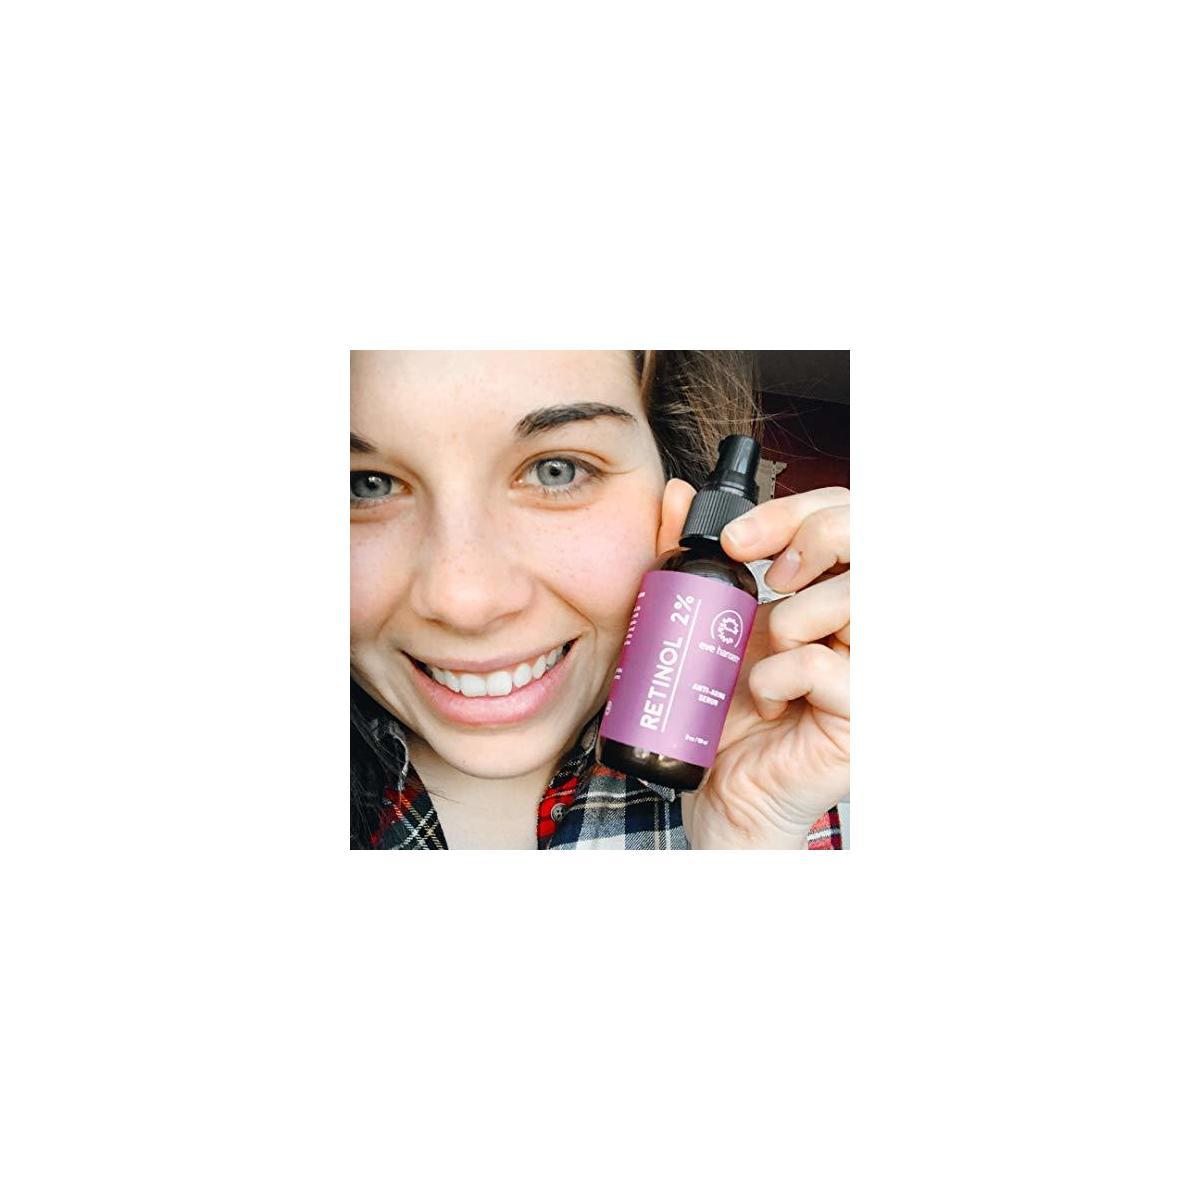 Eve Hansen 2% Retinol Facial Serum for Skin Resurfacing Wrinkle Repair